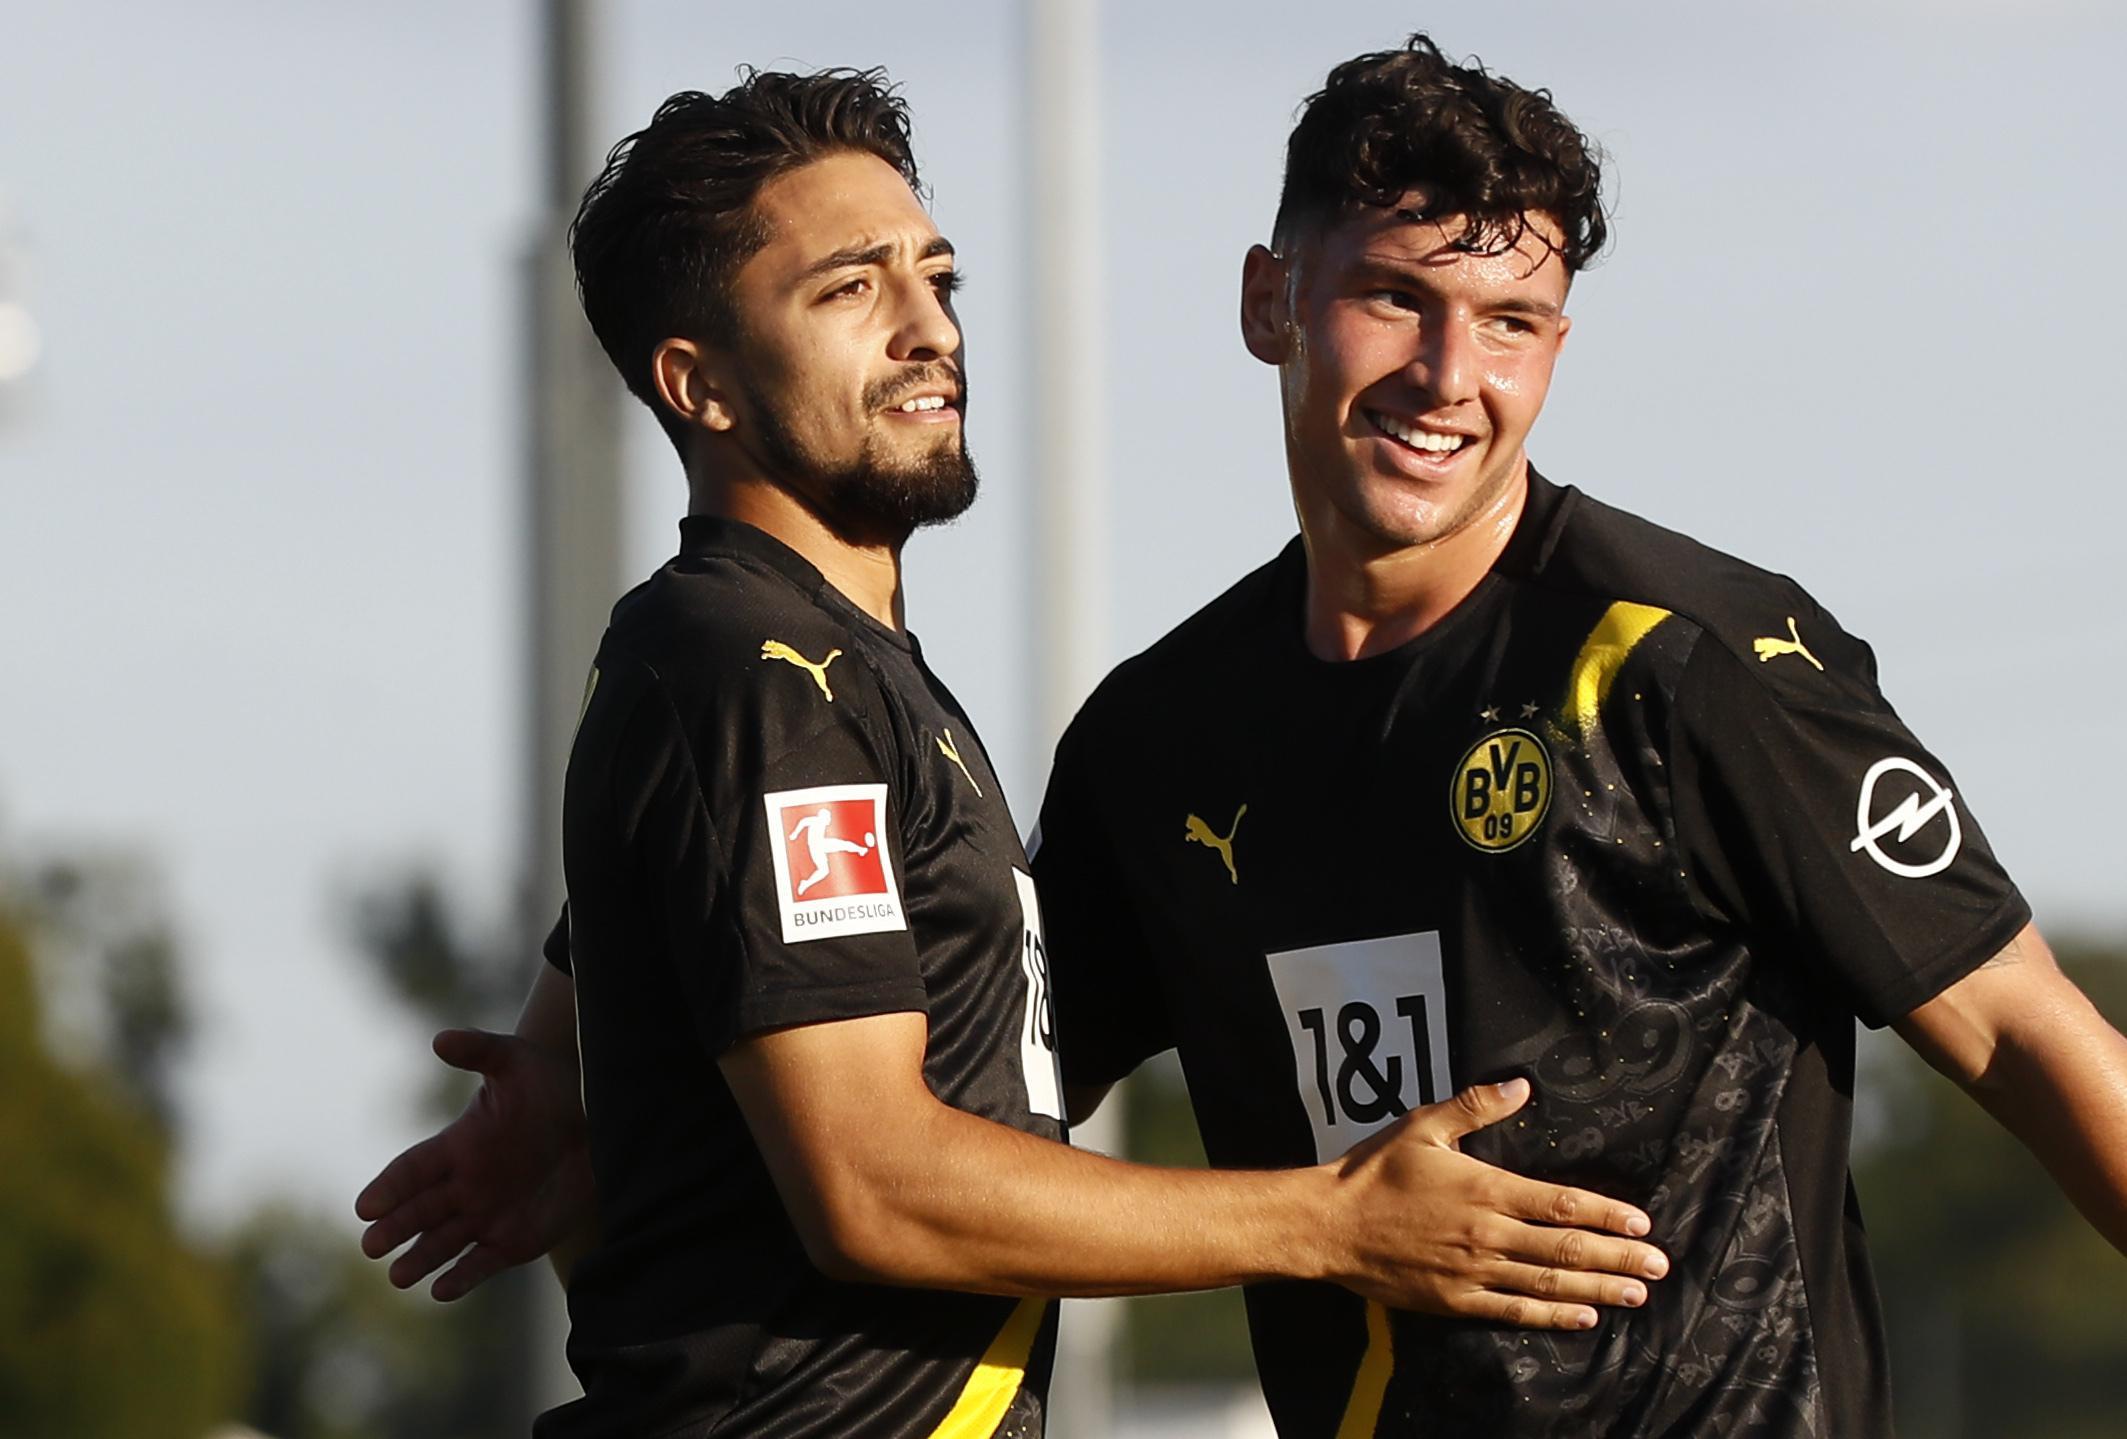 Voormalig AZ-talent Pherai keert via Borussia Dortmund nu terug in Alkmaar, als speler van PEC Zwolle